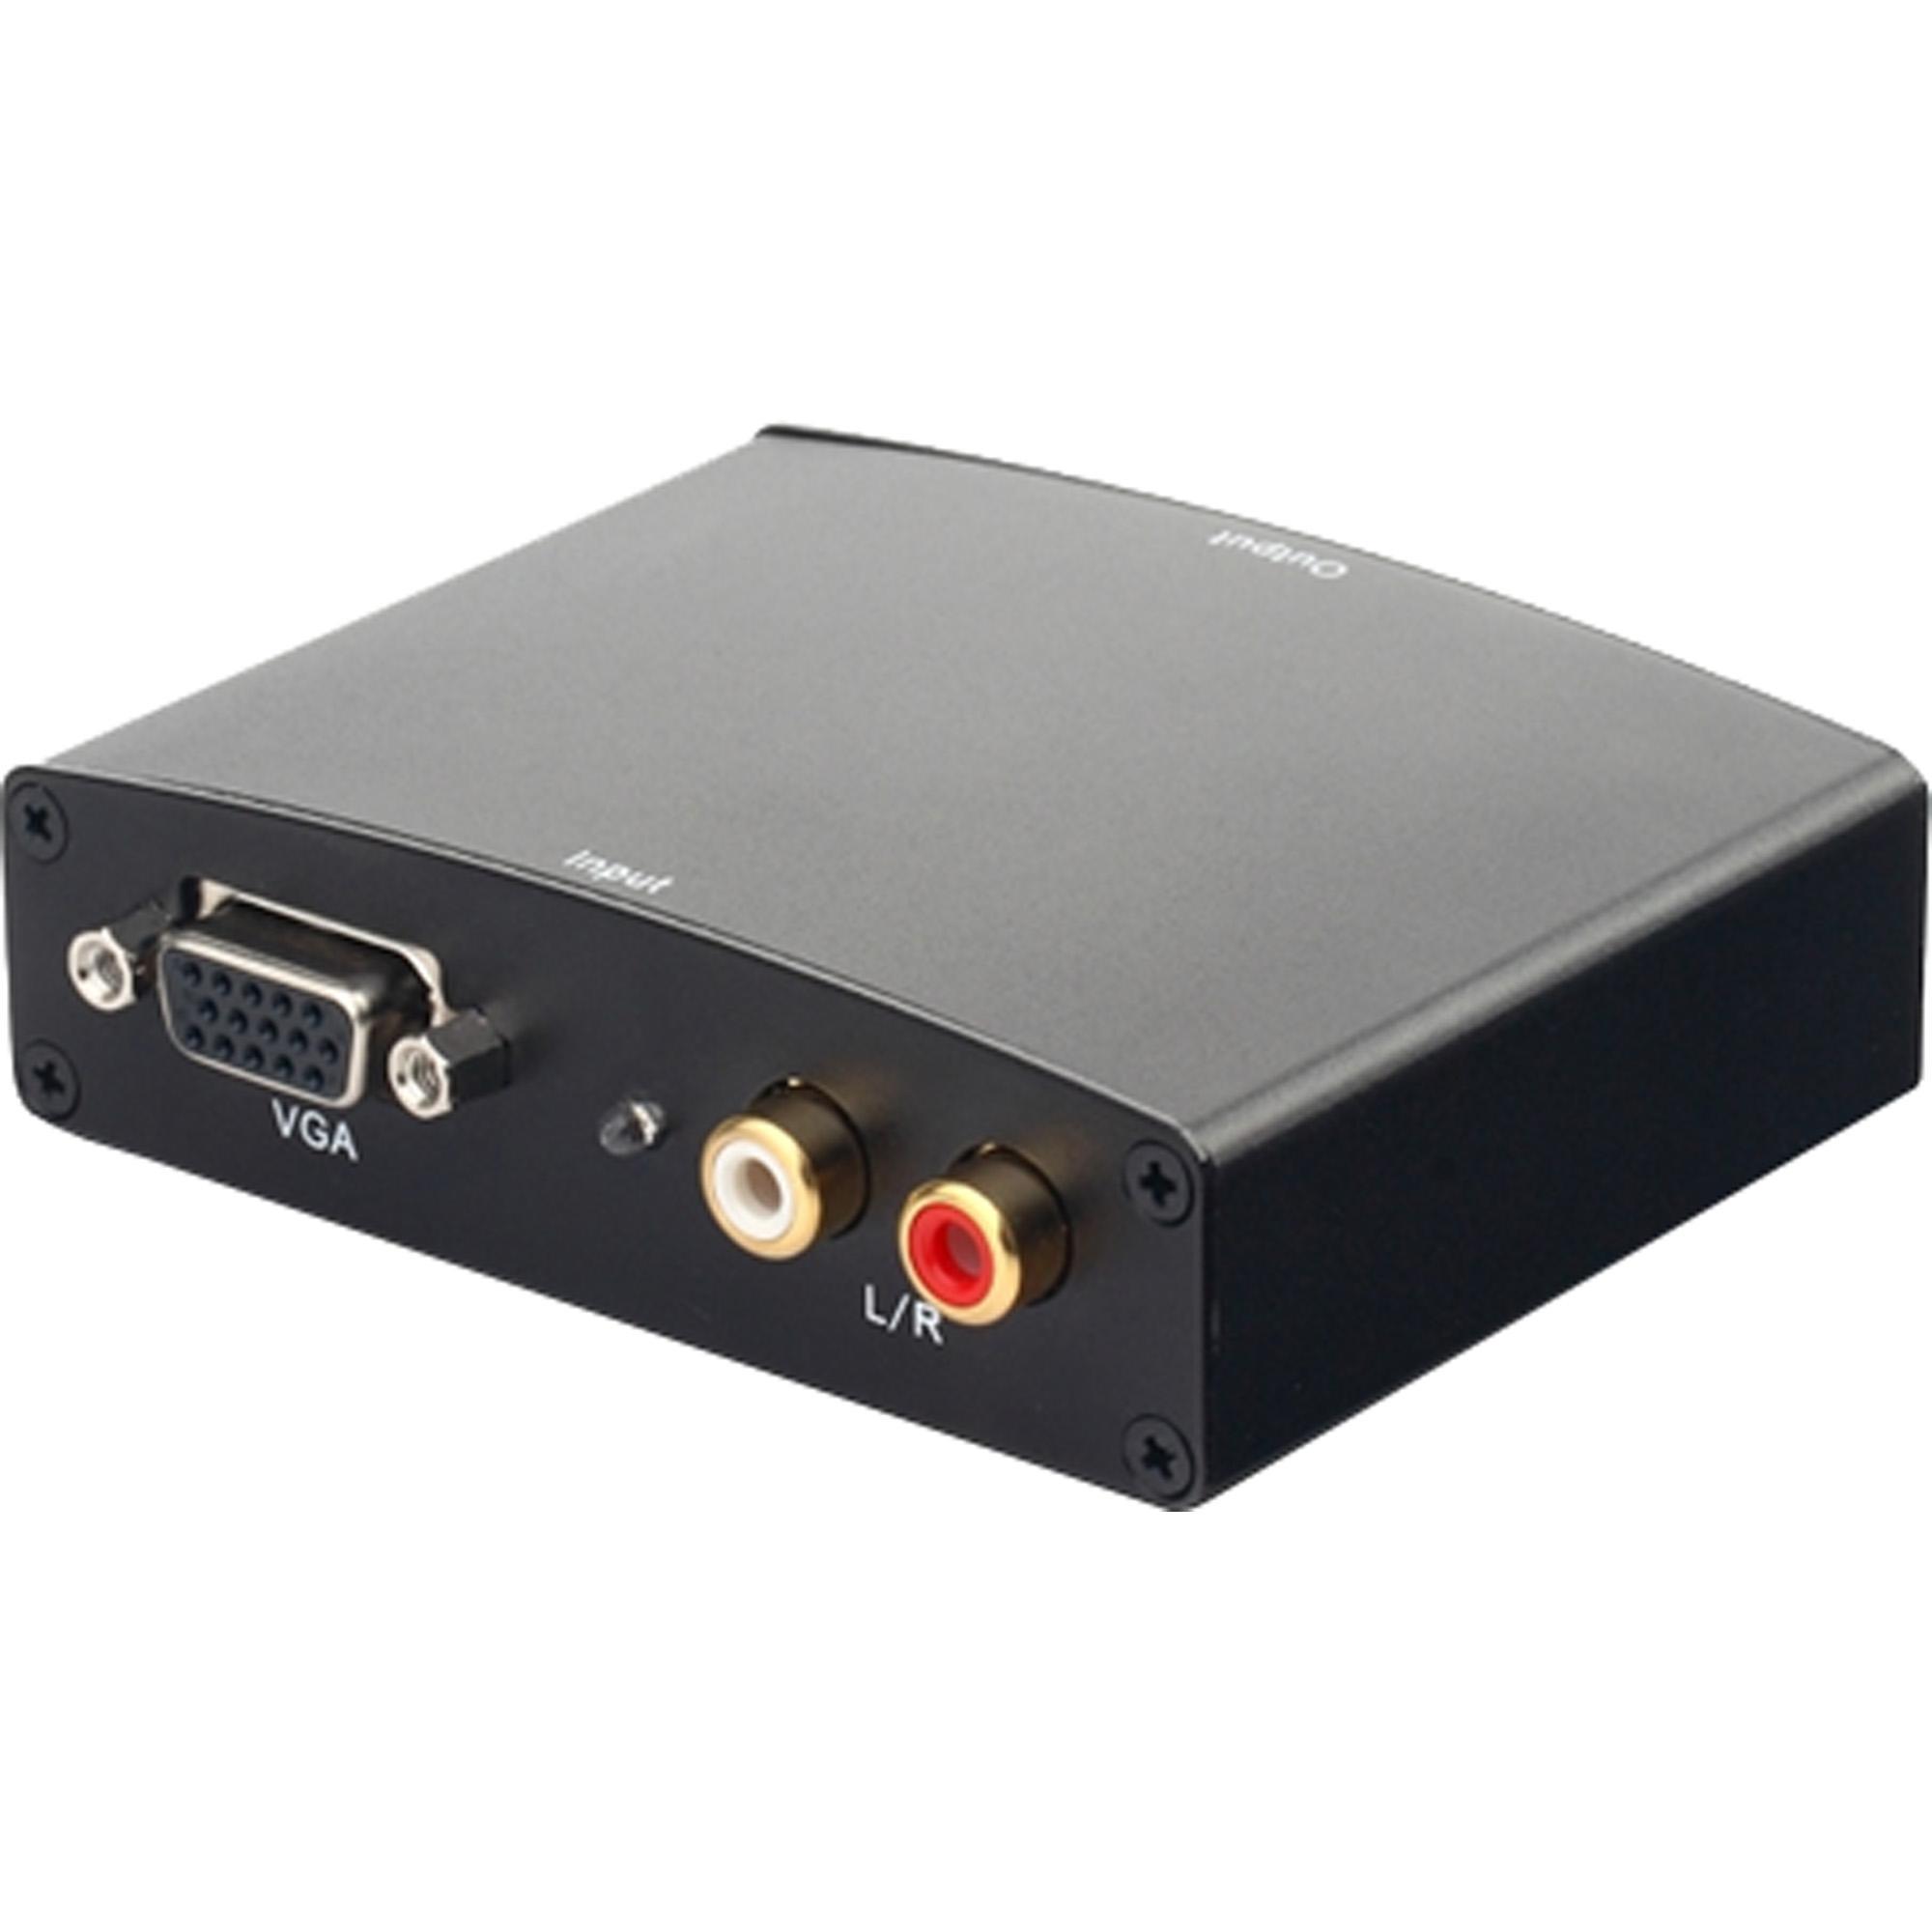 Conversor VGA Para HDMI ADAP0039 Preto STORM